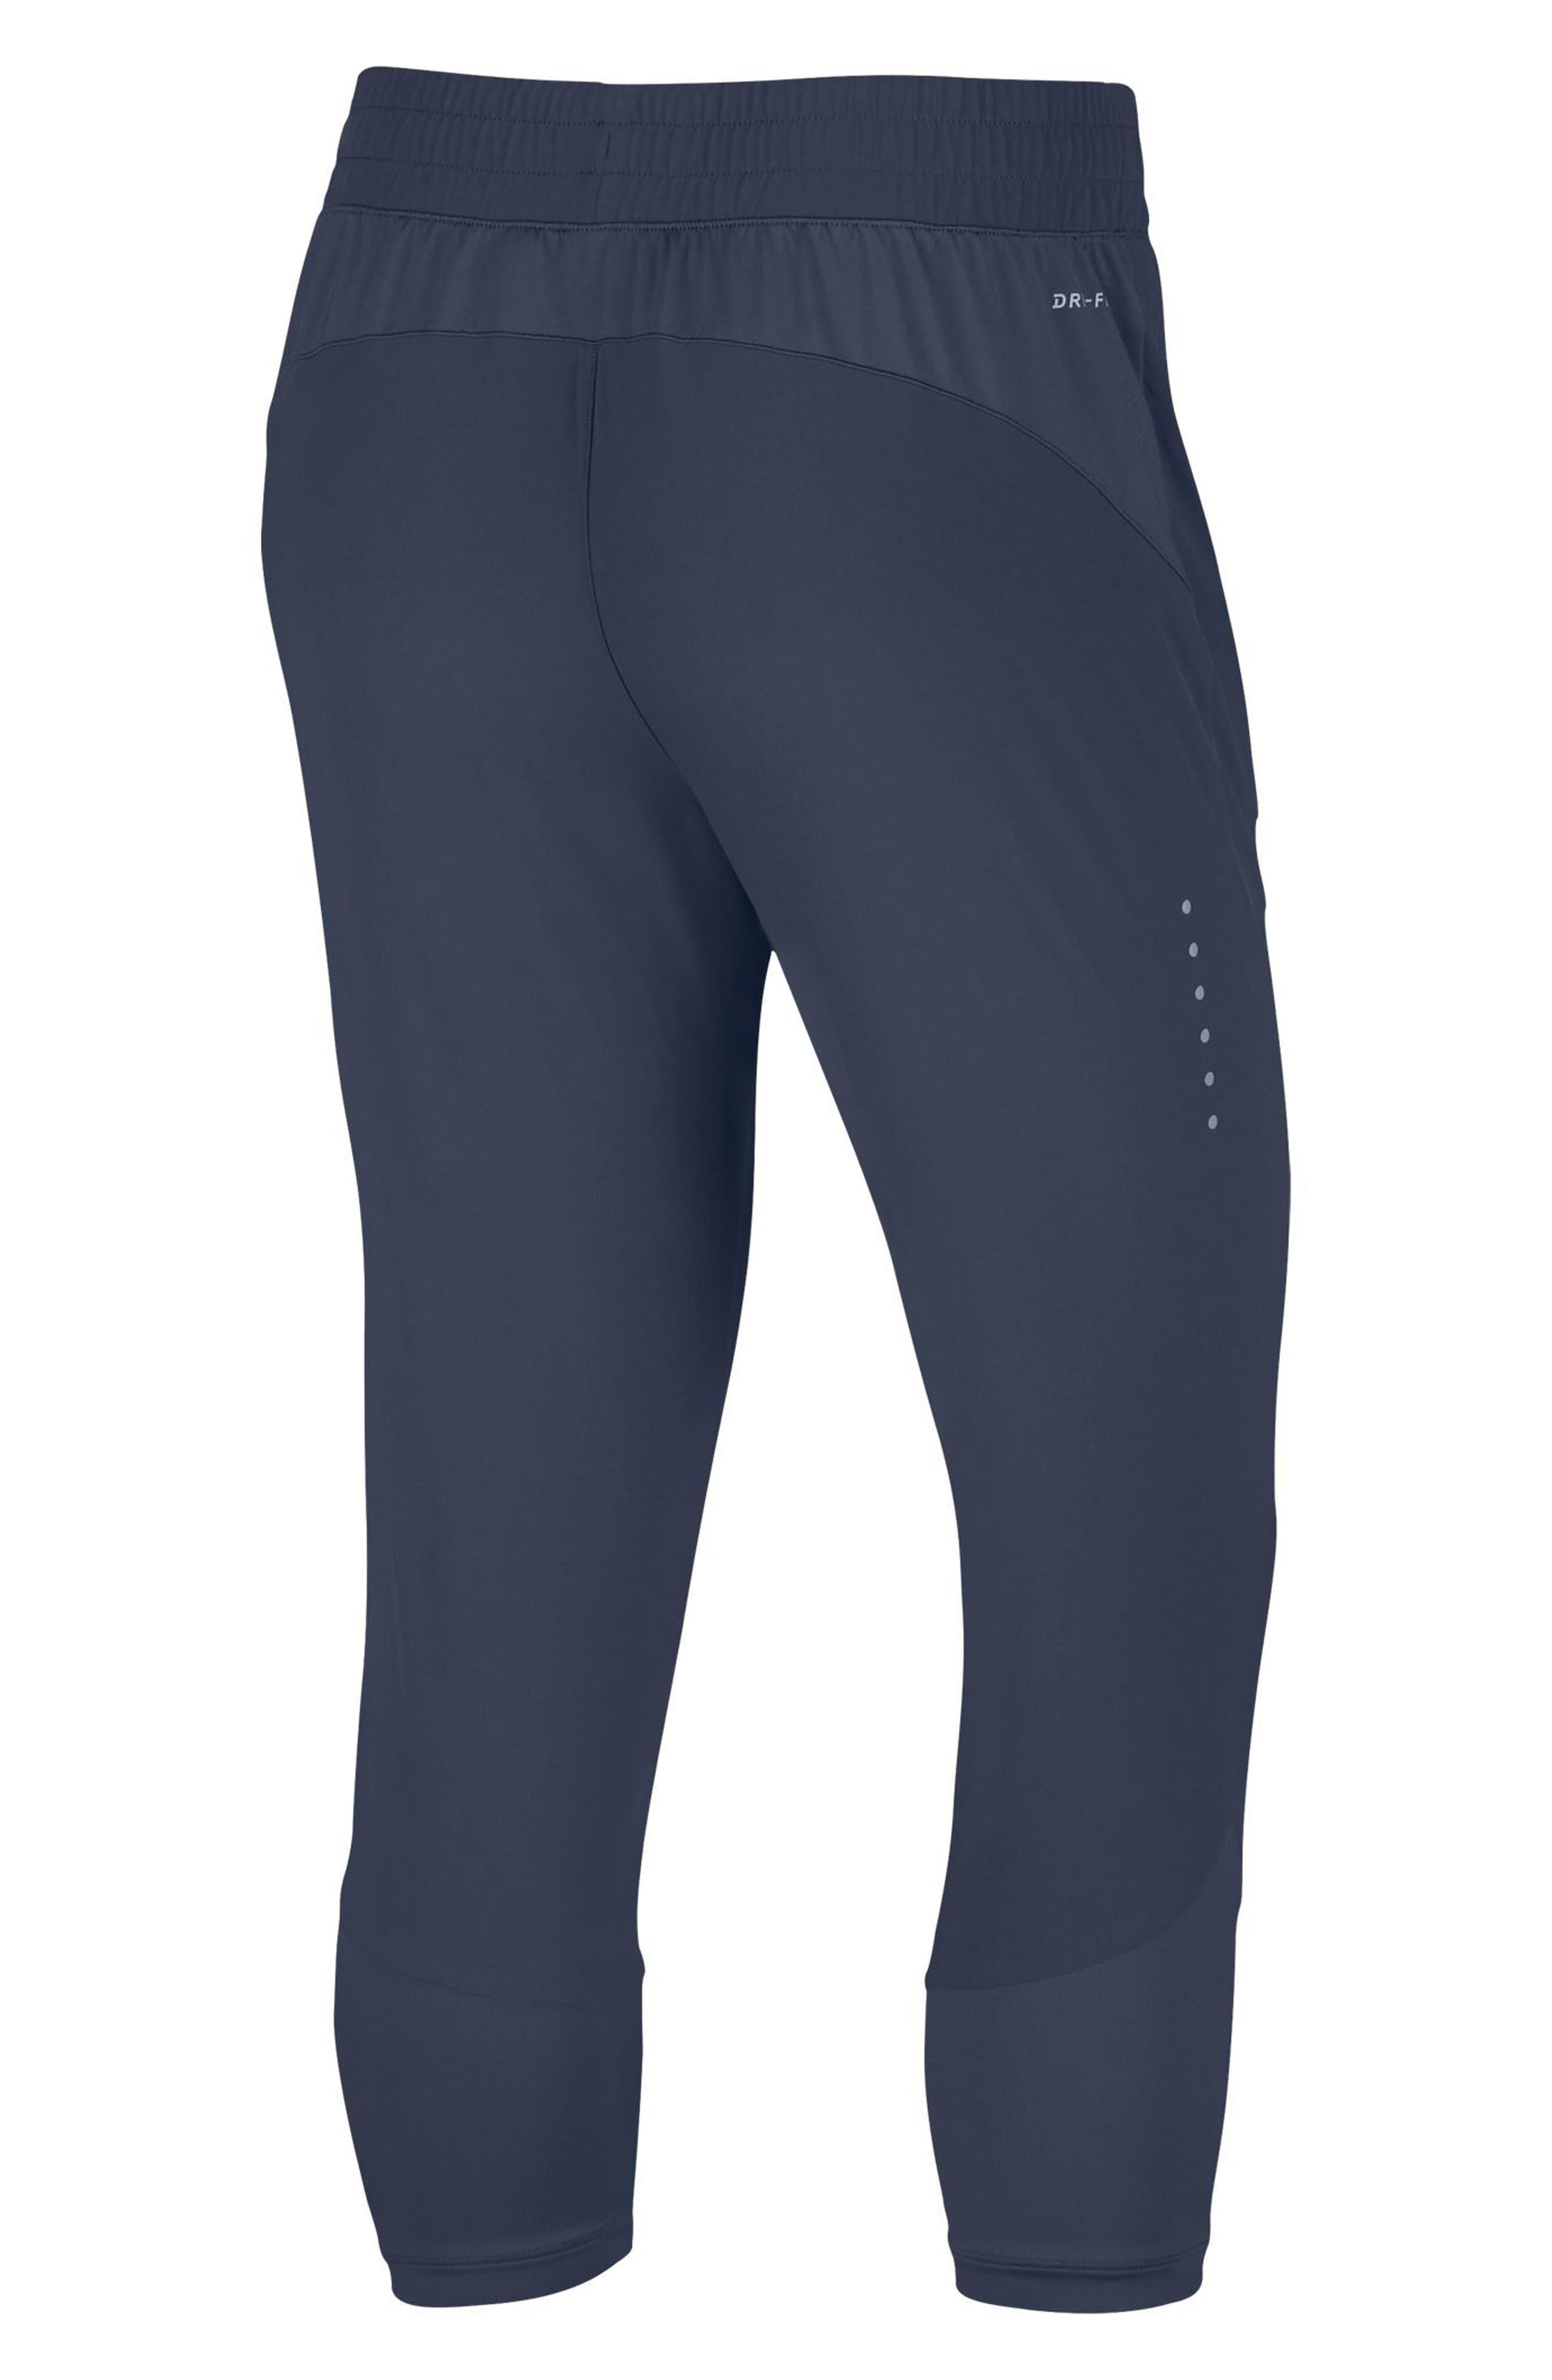 Women's Flex Swift Running Crop Pants,                             Alternate thumbnail 2, color,                             471